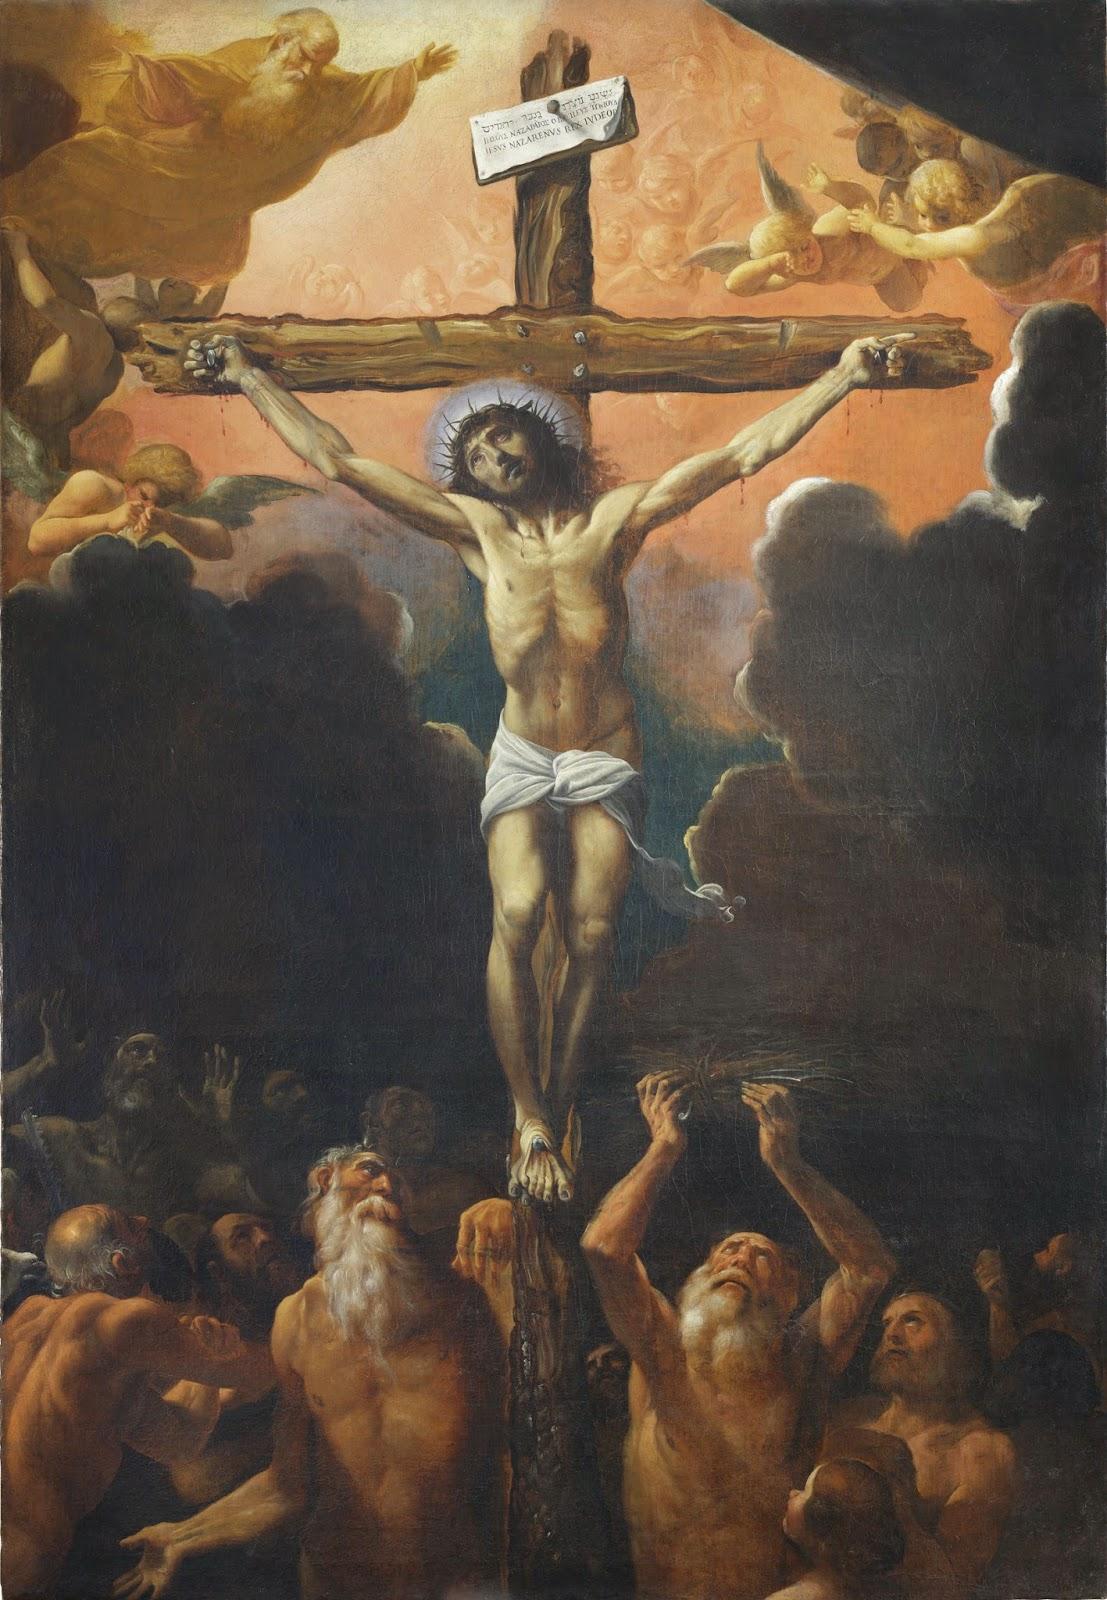 MILES CHRISTI RESÍSTENS: ORACIÓN POR LAS ALMAS OLVIDADAS